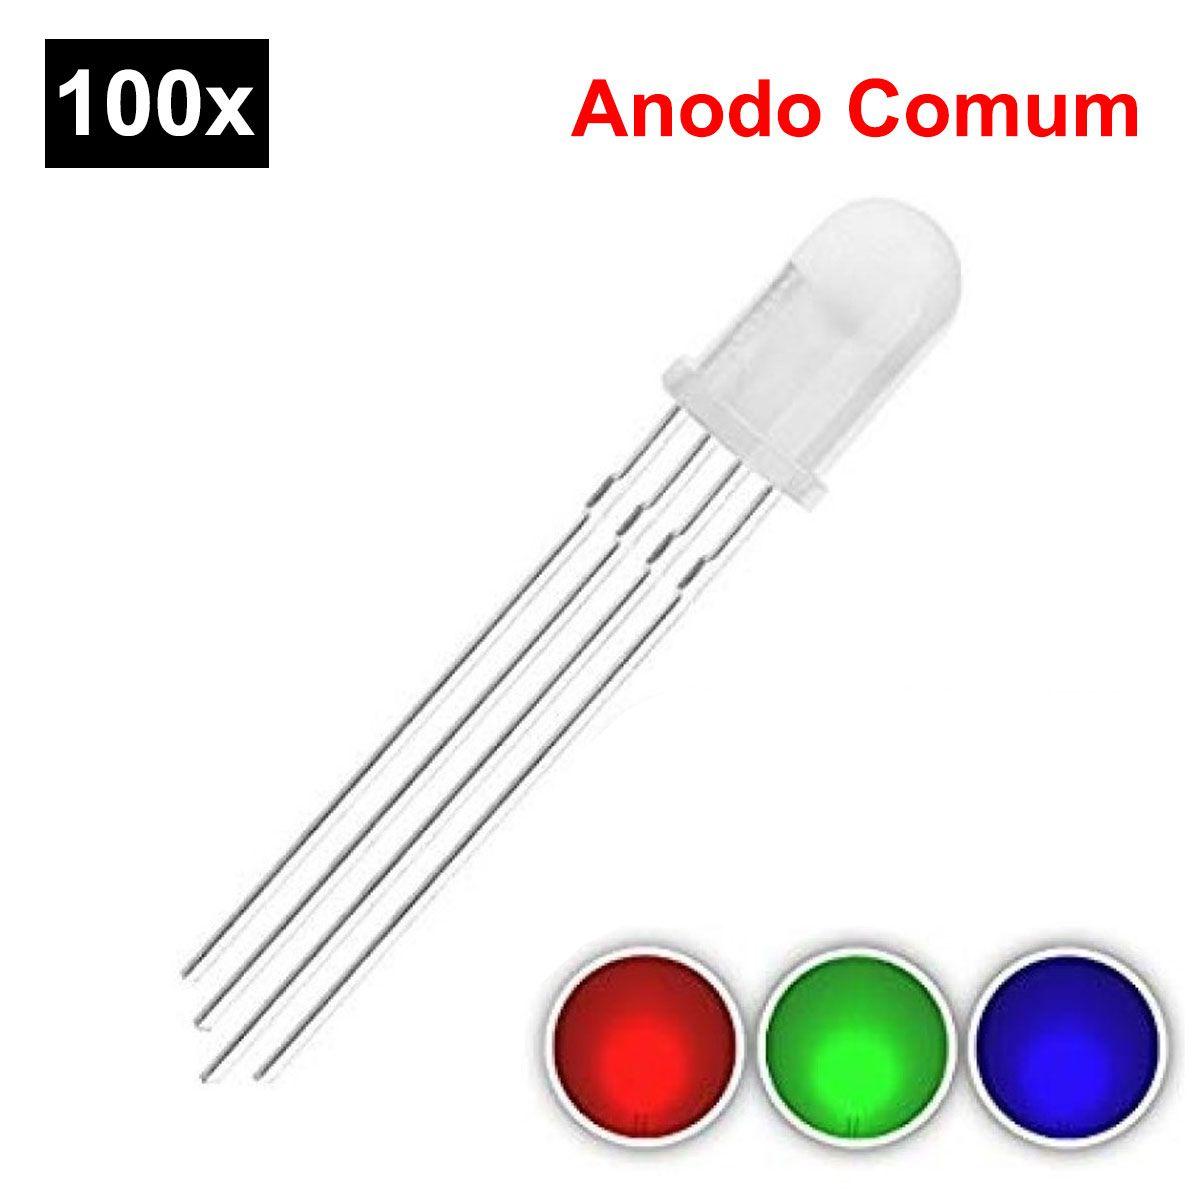 100x Led 5mm RGB 4 Terminais Difuso - Anodo Comum